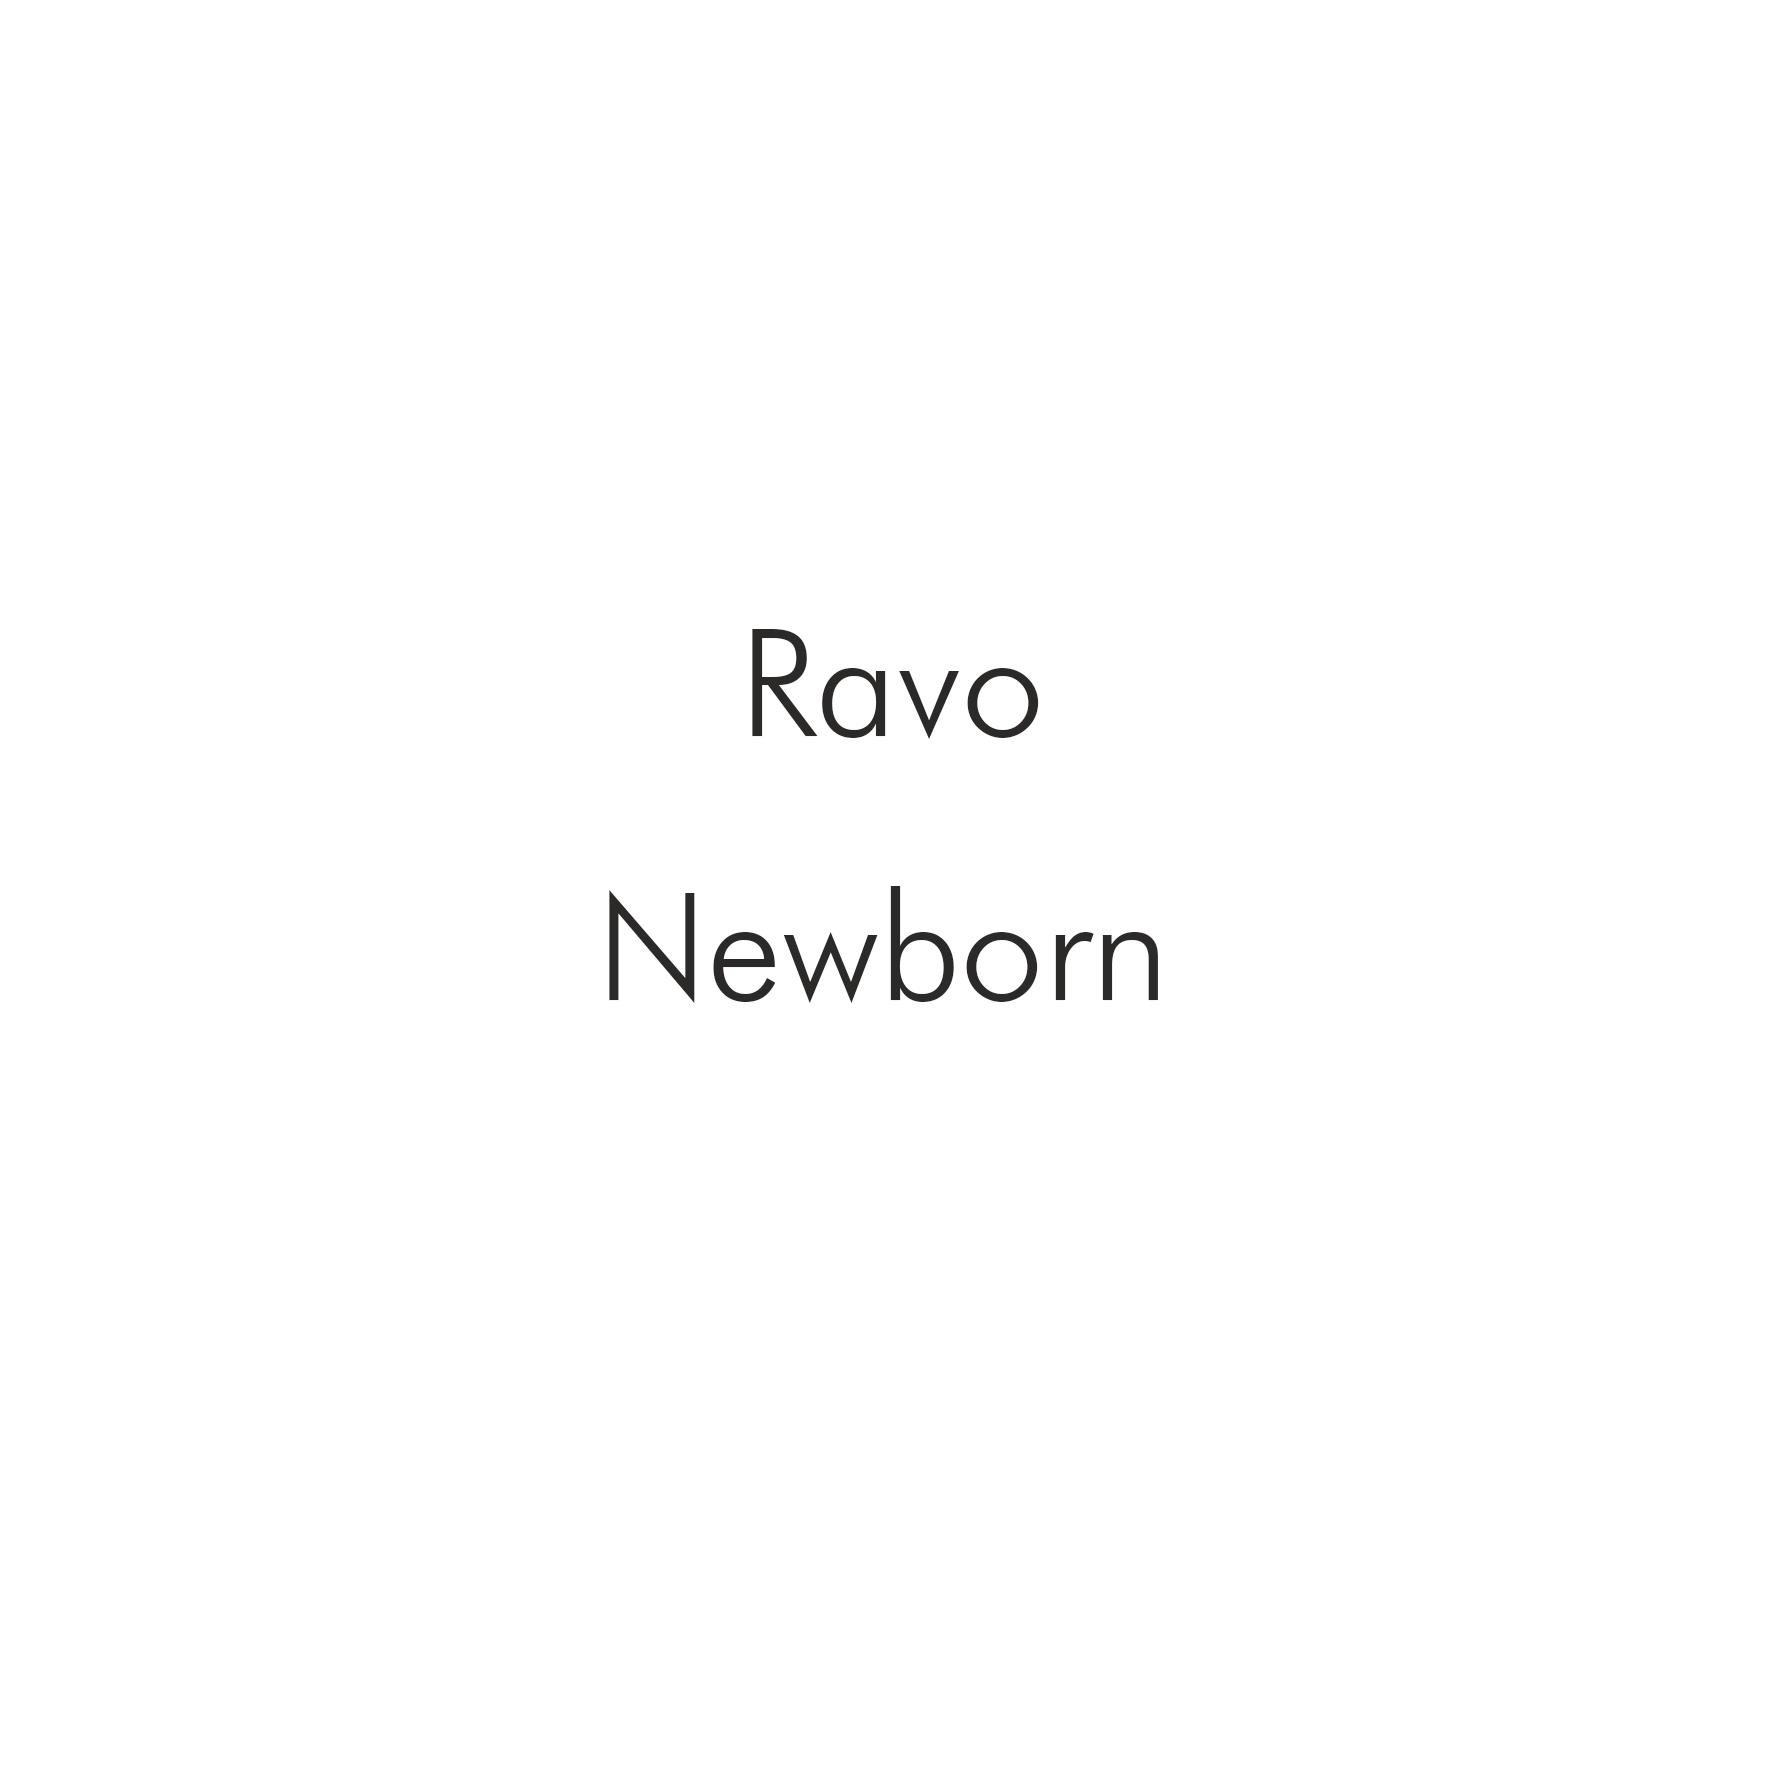 ravo nexborn.png